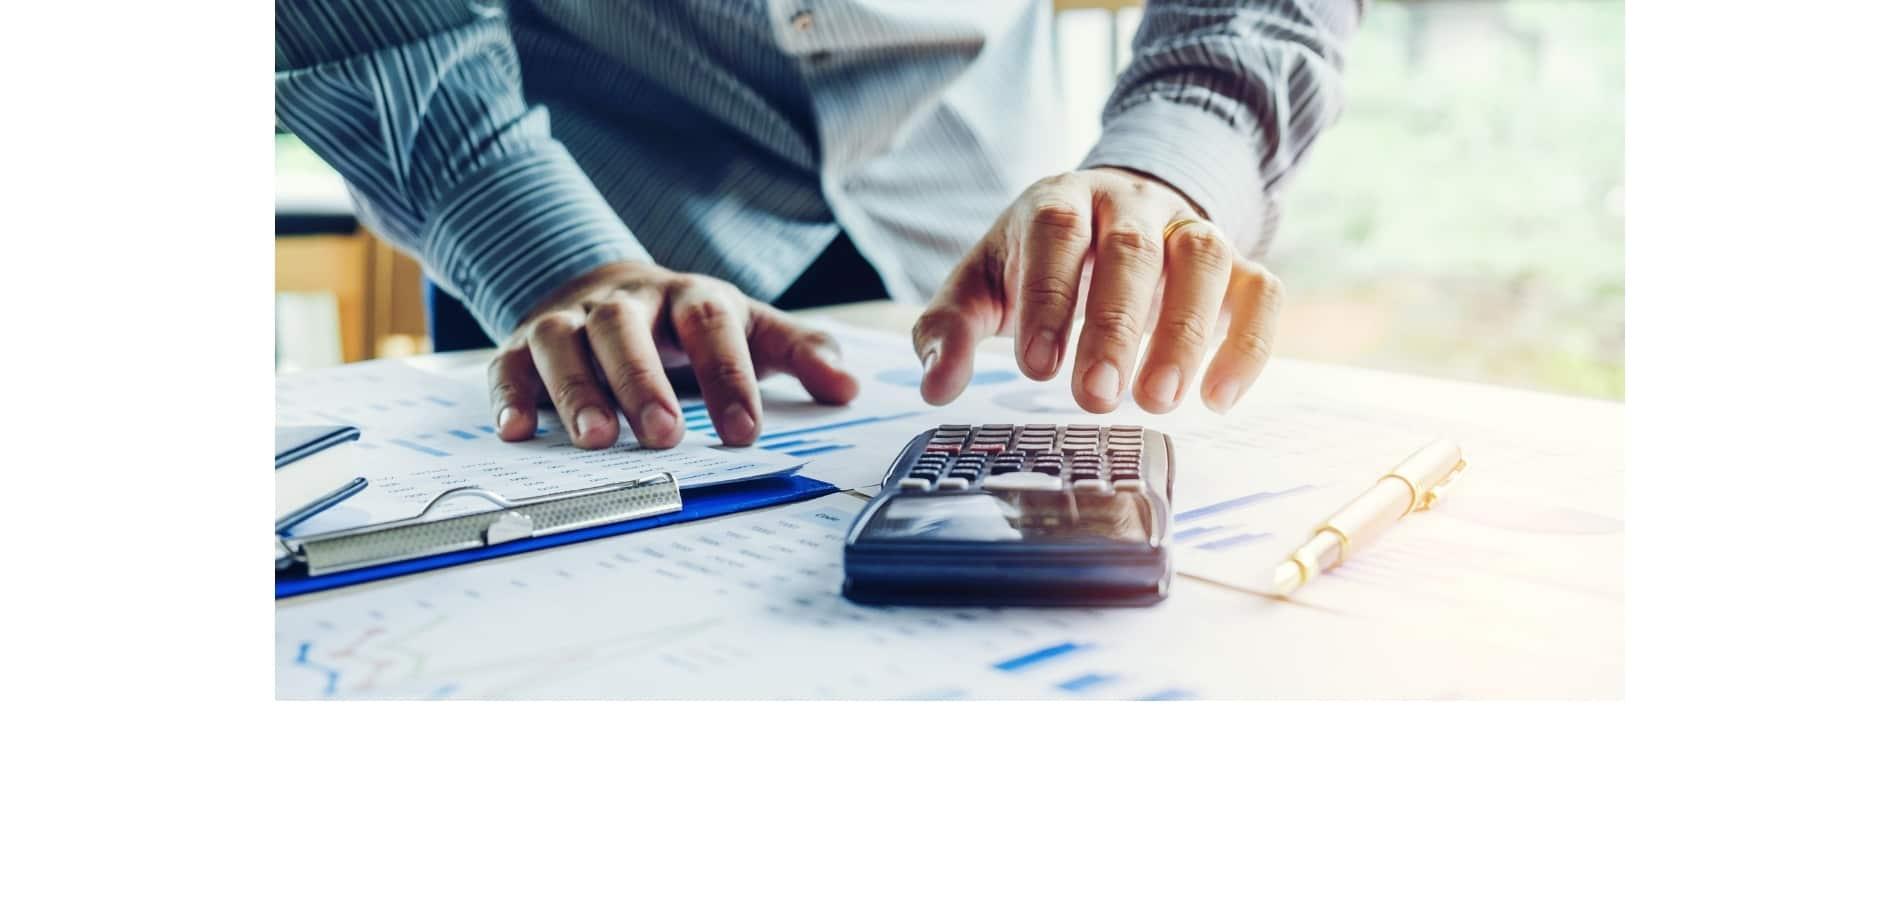 Um die Kostenkontrolle beim Drucken zu erhalten, gibt es einige wenige Regeln zu beachten